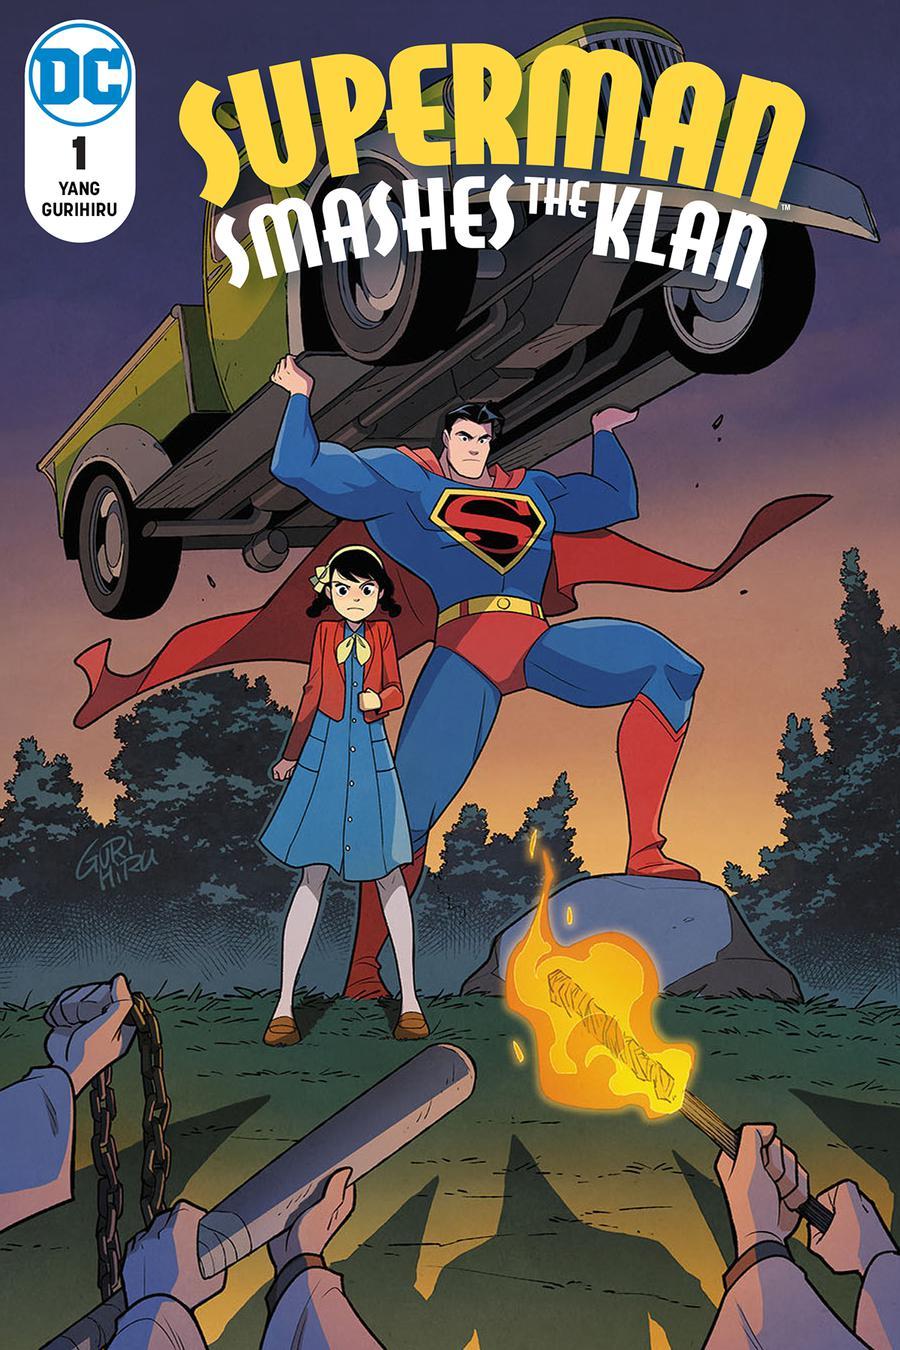 Superman Smashes The Klan #1 Cover A Regular Gurihiru Cover